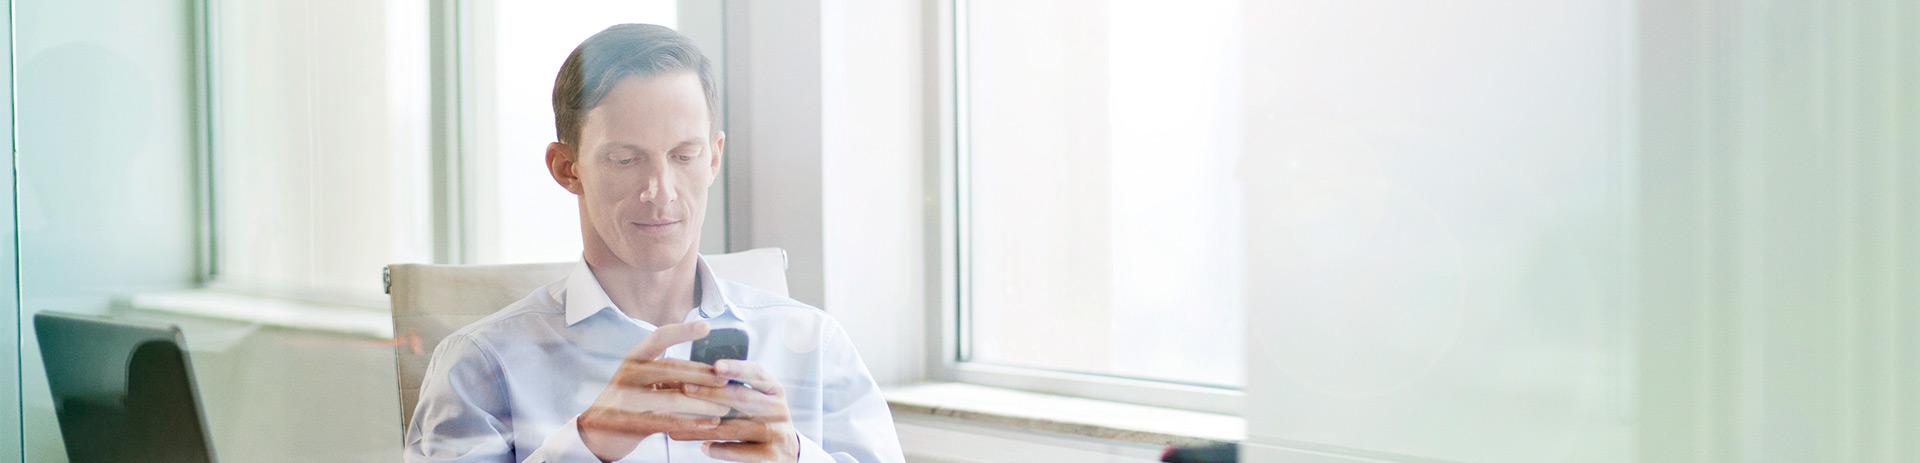 Geschäftsmann, der einen Blick auf sein Handy wirft